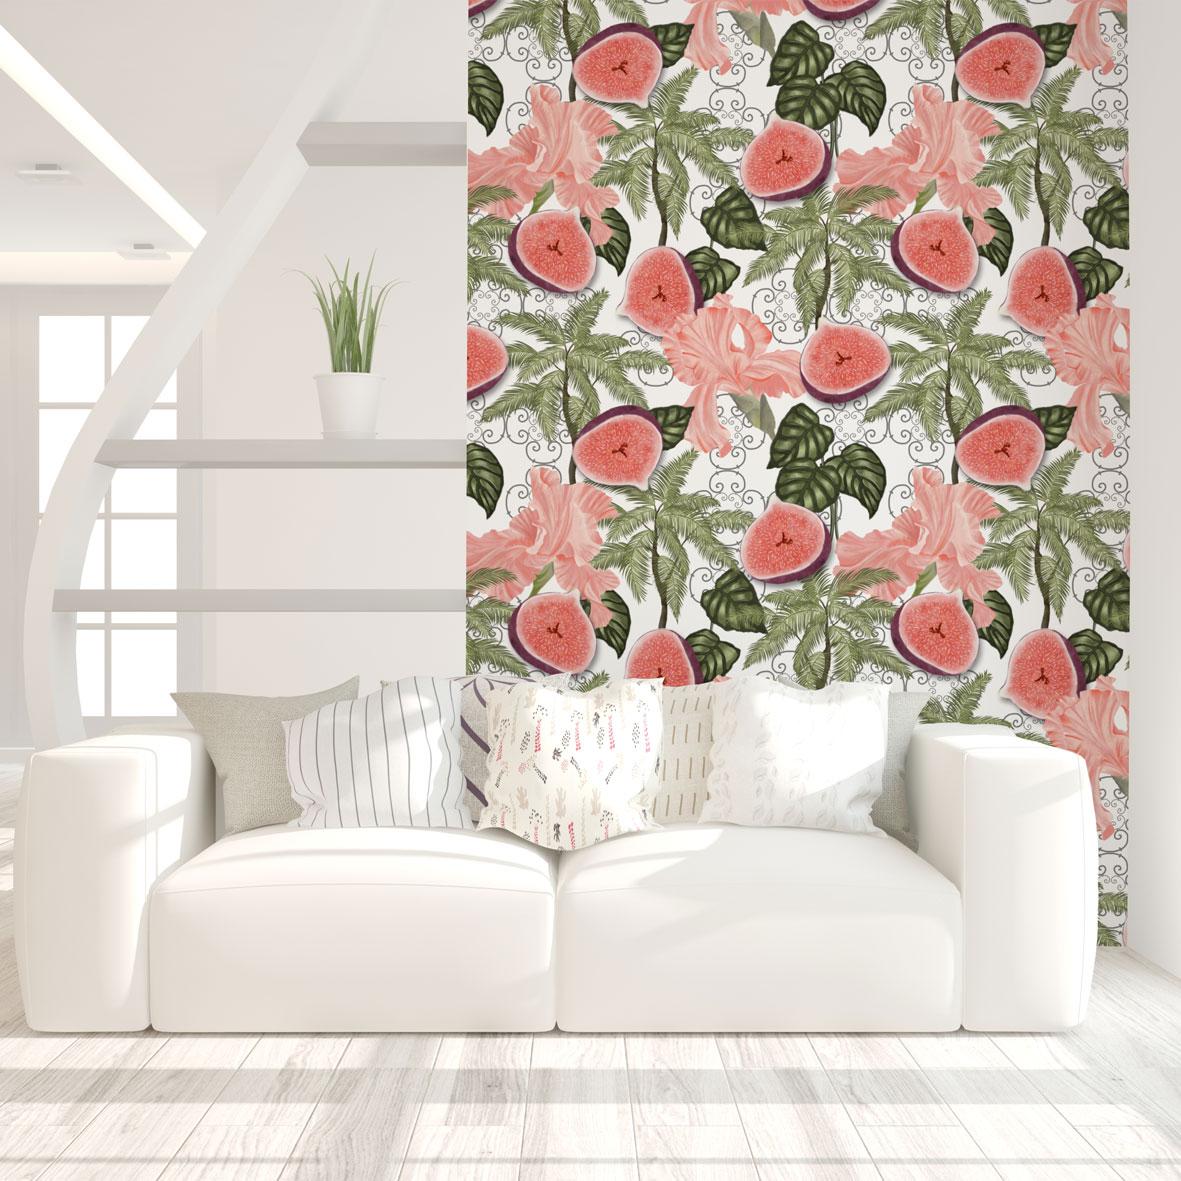 tapety tropikalne,aranżacja w stylu tropikalnym,tapeta owocowa,salon w stylu triopikalnym